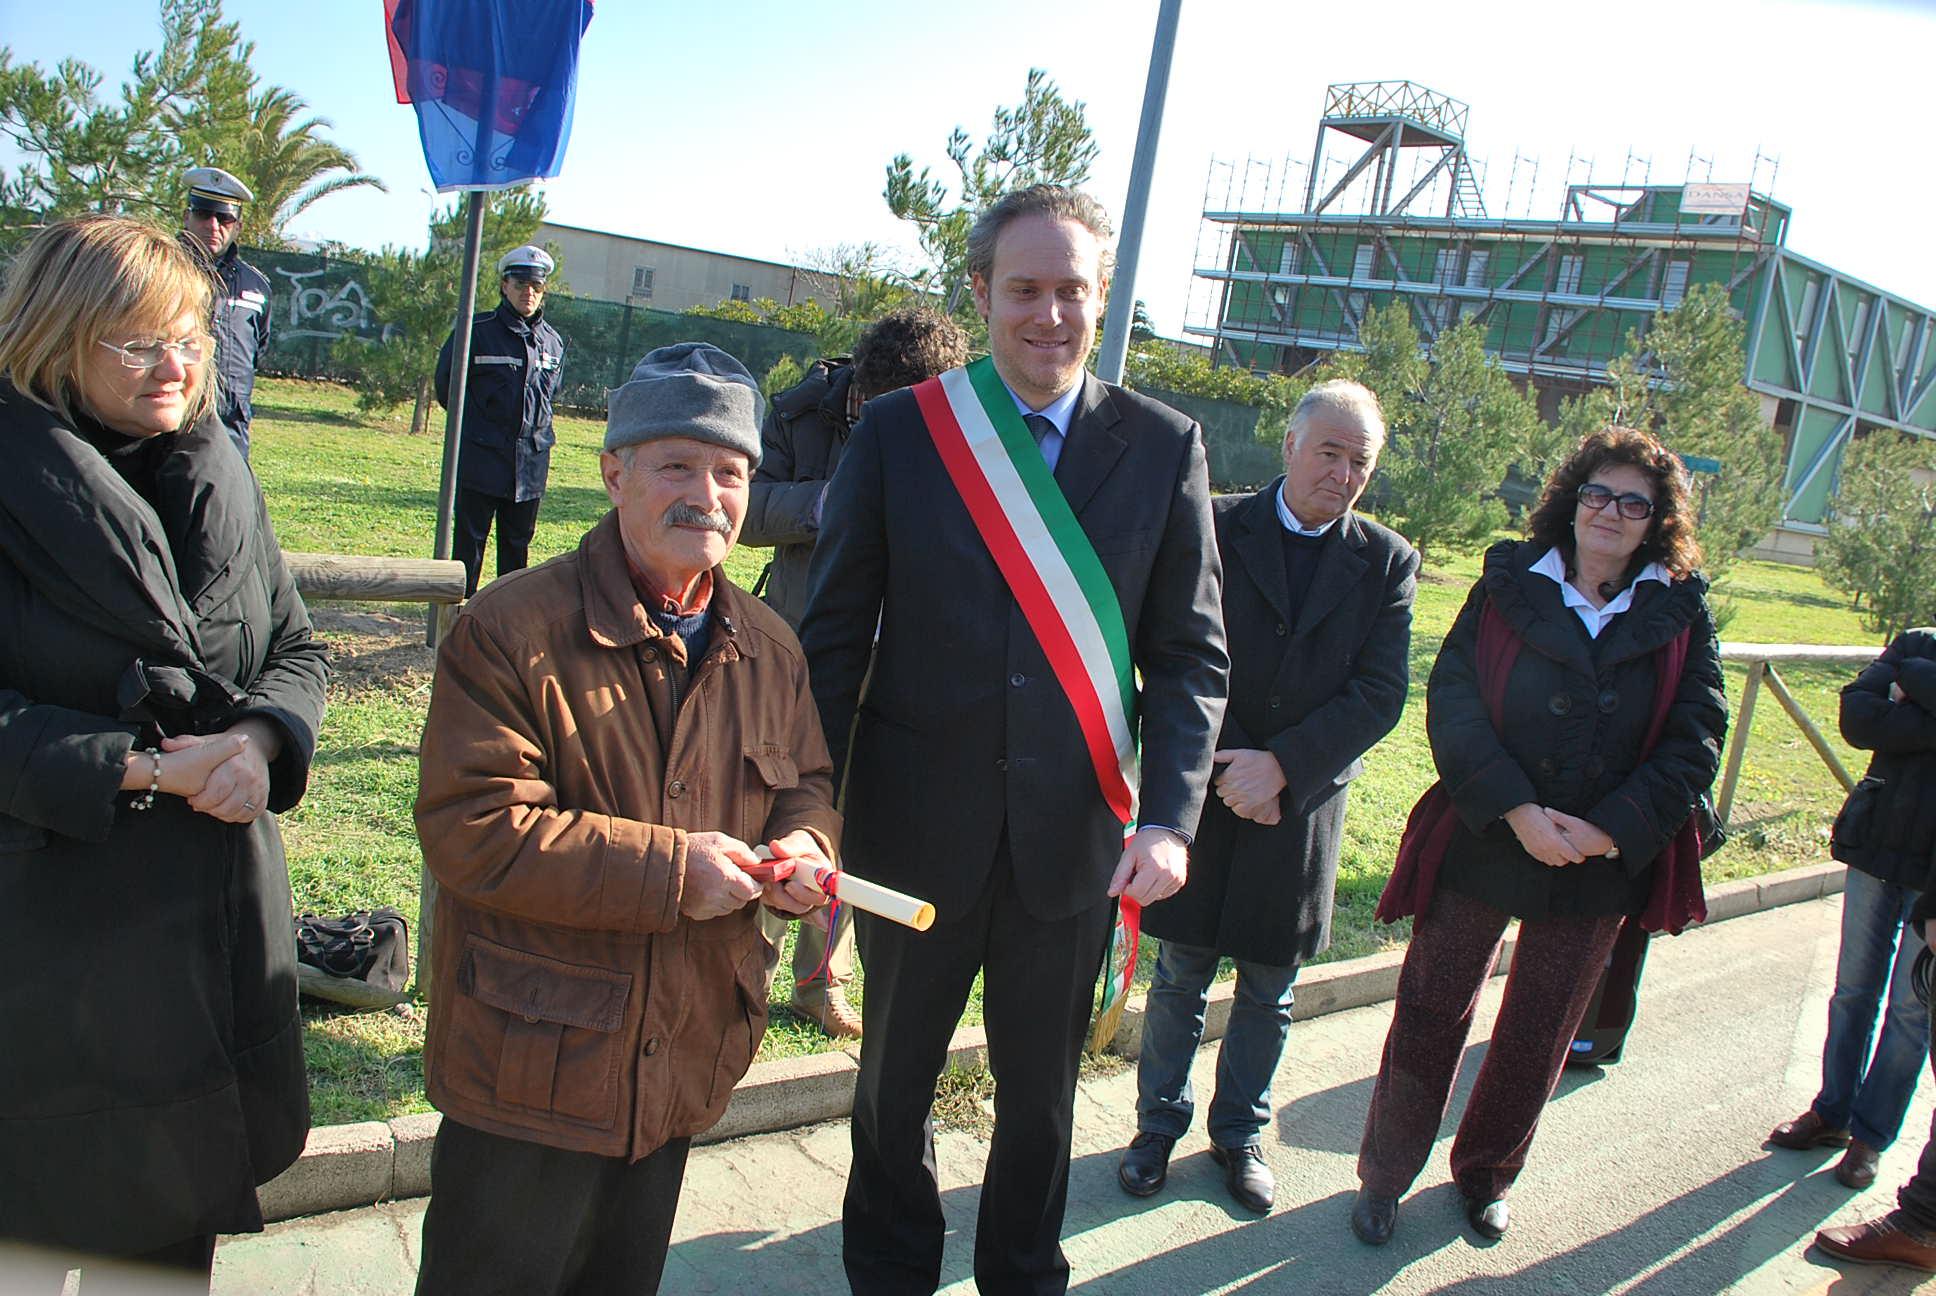 Marino Bruni premiato alla festa dei funai, 3 febbraio 2011